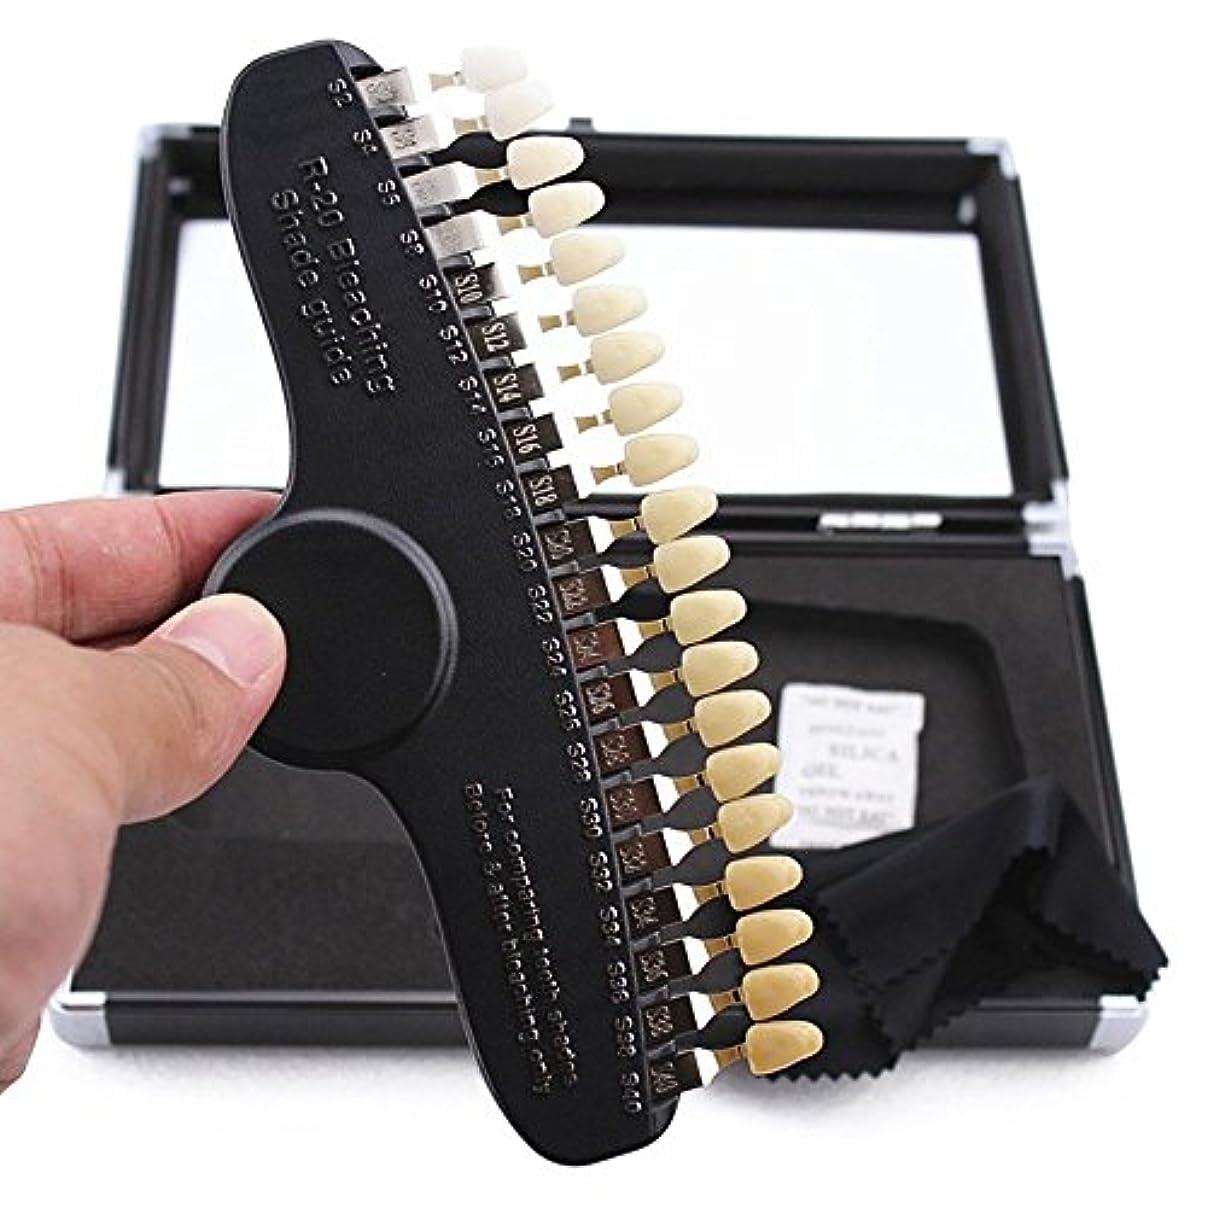 思い出す奪うしみPochiDen 歯科ホワイトニング用シェードガイド 20色 3D 歯列模型ボード